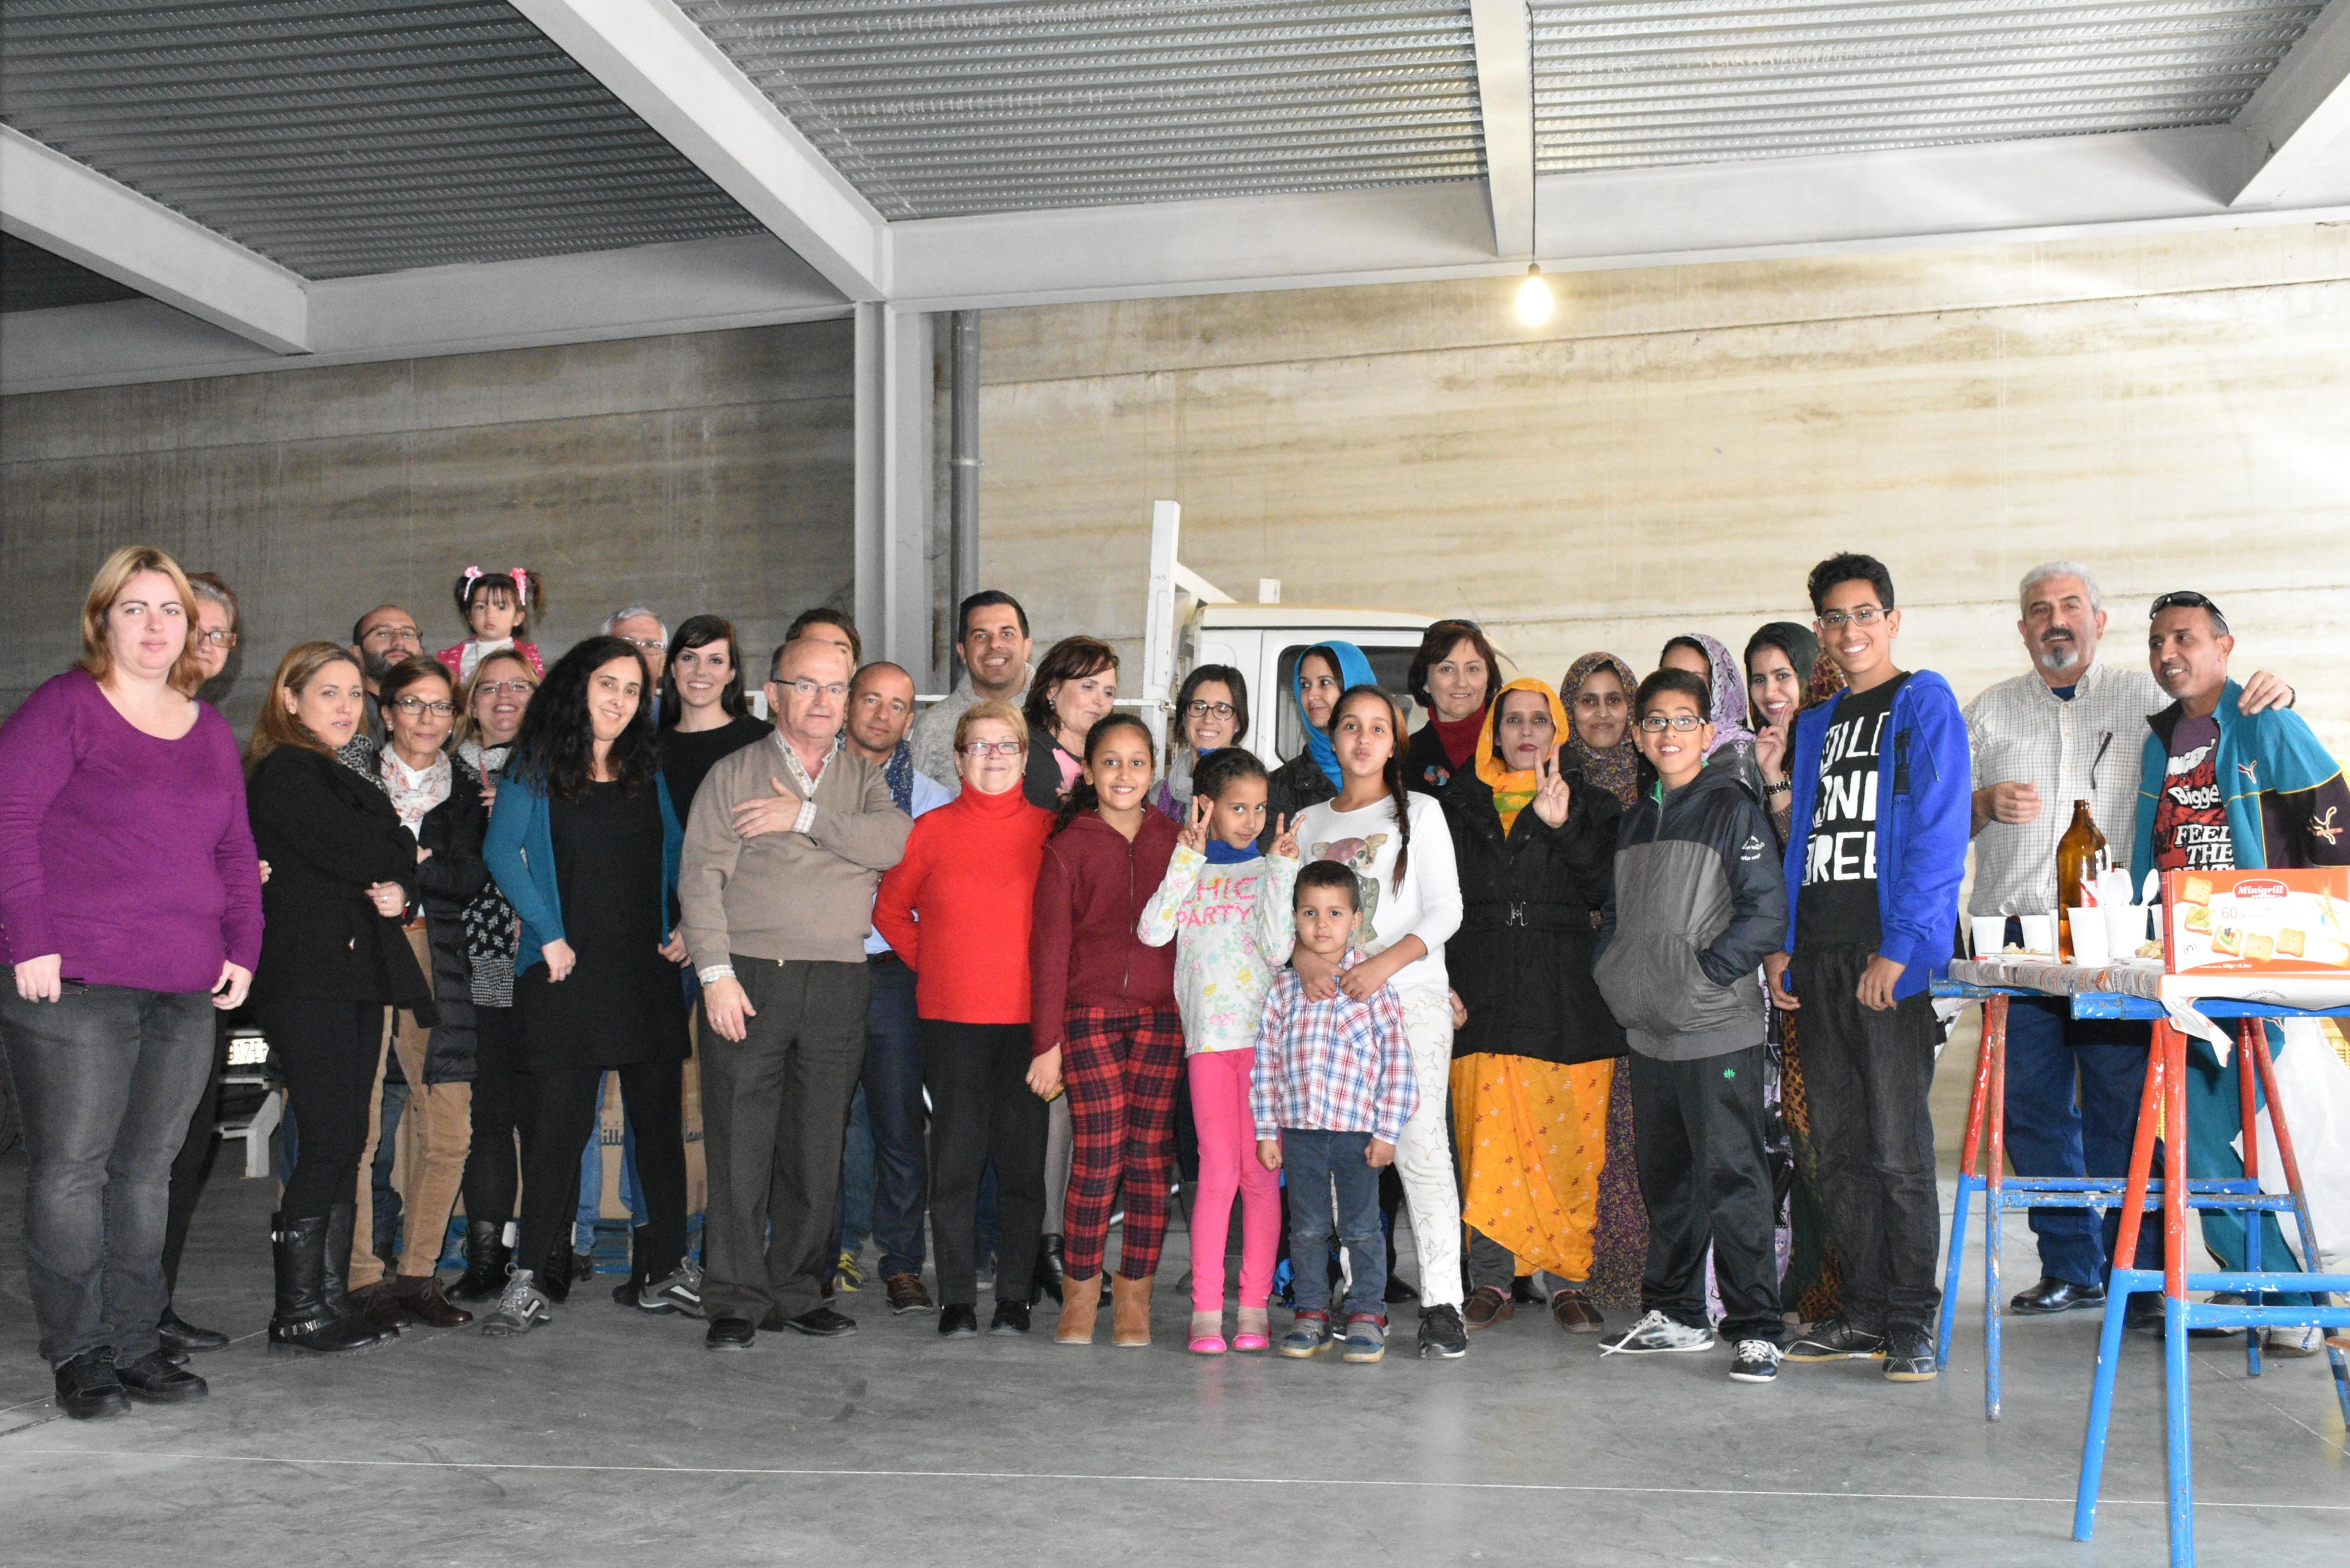 Caravana por la Paz se cierra con la recogida de 11.000 kilos de alimentos